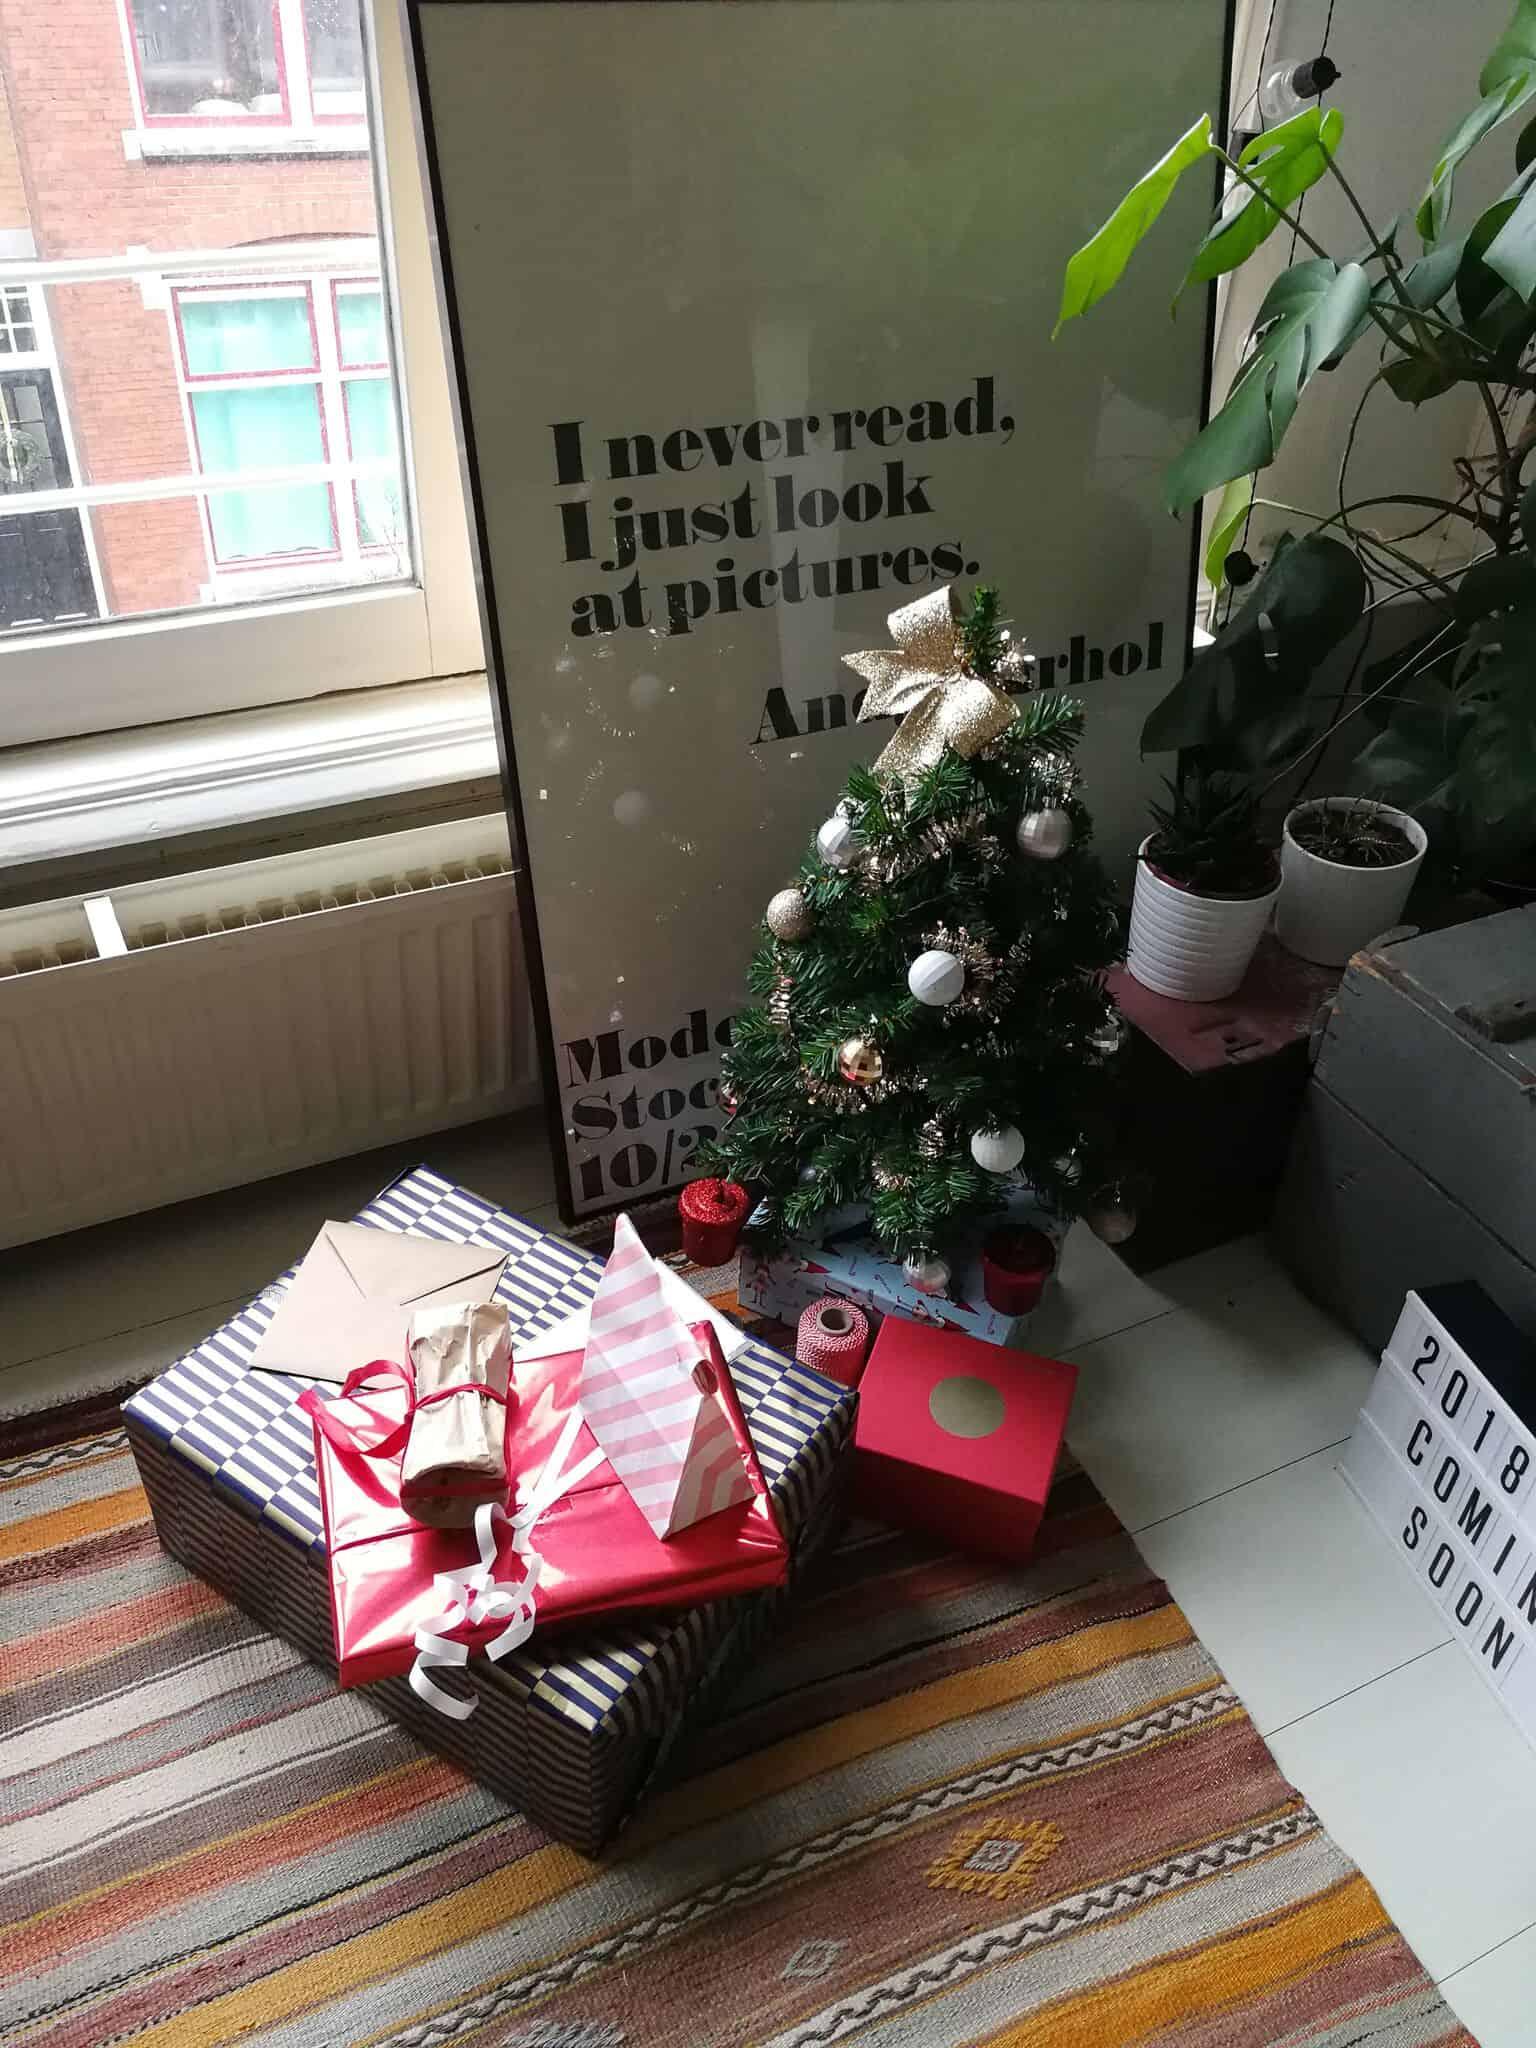 Diary week 51: een week vol kerstmis!